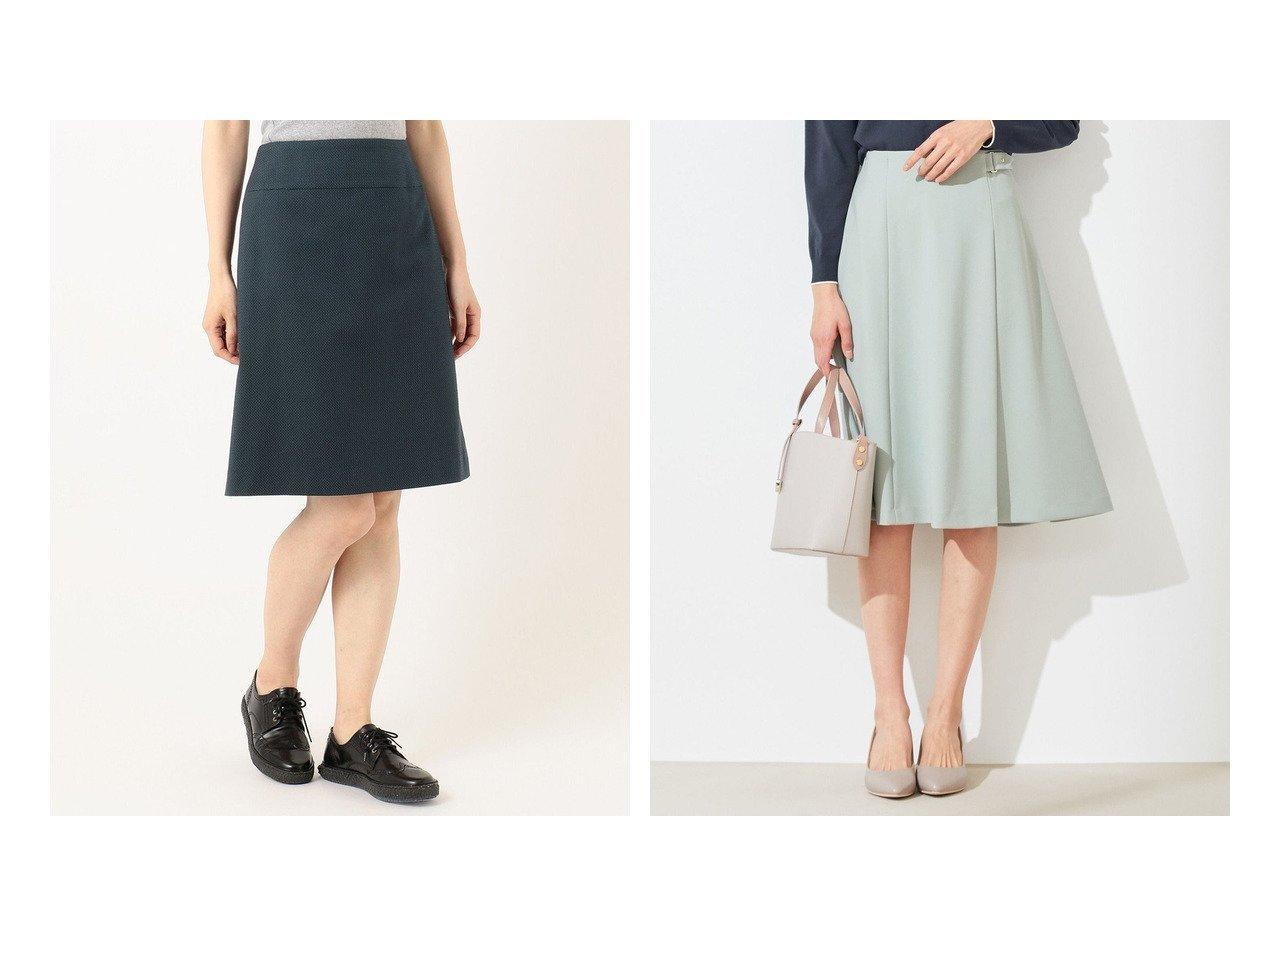 【any SiS/エニィ スィス】の【洗える】サイドベルト スカート&【Paul Smith/ポール スミス】の【セットアップ対応】コットンウールドビー テーラリング スカート 【スカート】おすすめ!人気、トレンド・レディースファッションの通販 おすすめで人気の流行・トレンド、ファッションの通販商品 メンズファッション・キッズファッション・インテリア・家具・レディースファッション・服の通販 founy(ファニー) https://founy.com/ ファッション Fashion レディースファッション WOMEN スカート Skirt ベルト Belts セットアップ Setup スカート Skirt 洗える ジャージー フレア 楽ちん 再入荷 Restock/Back in Stock/Re Arrival 送料無料 Free Shipping おすすめ Recommend ジャケット ストレッチ スーツ セットアップ ポケット ミックス 定番 Standard 春 Spring  ID:crp329100000029146